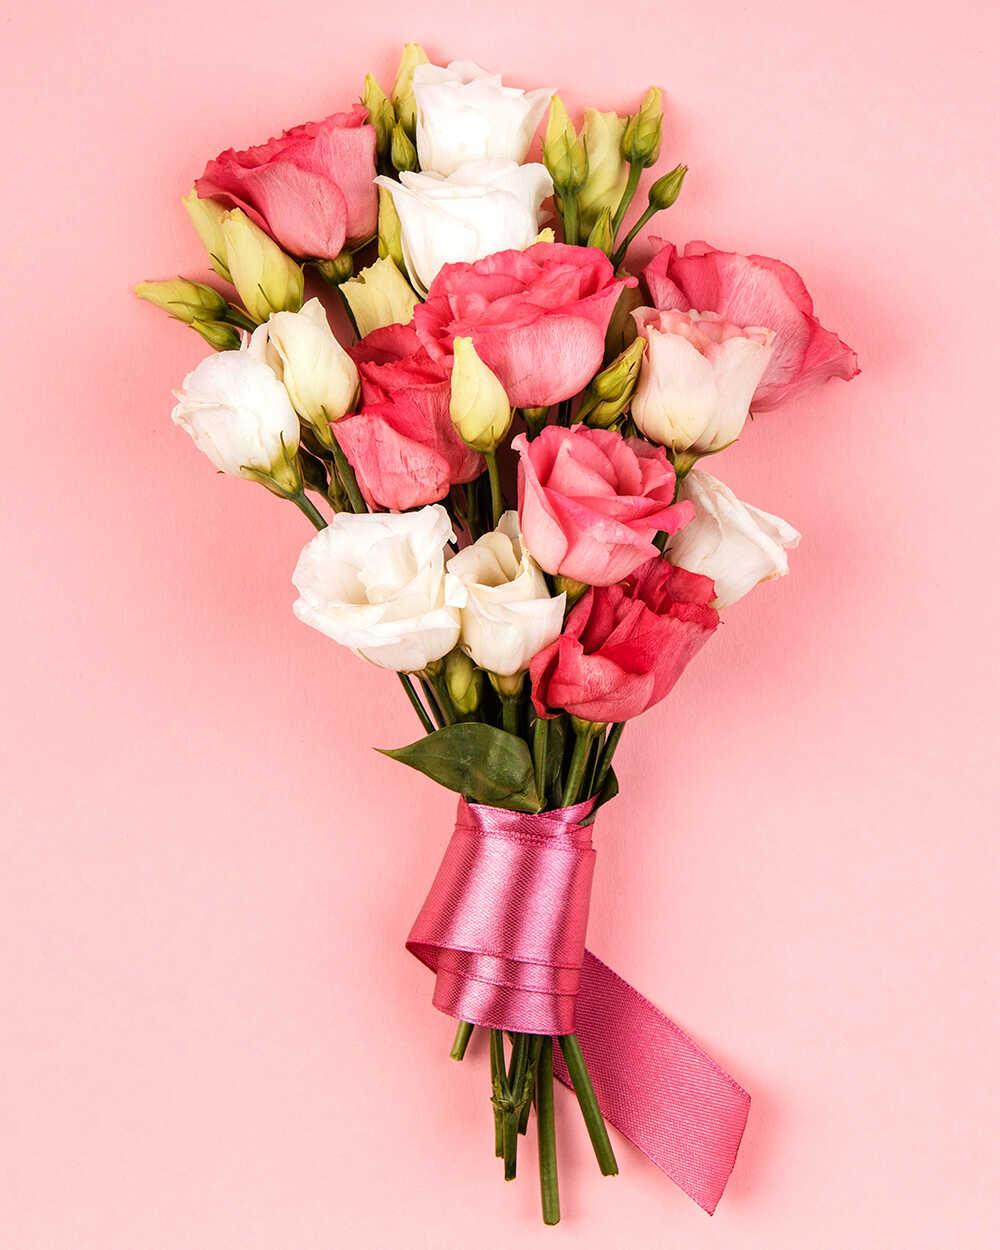 Роскошный букет розовых цветов с доставкой на дом